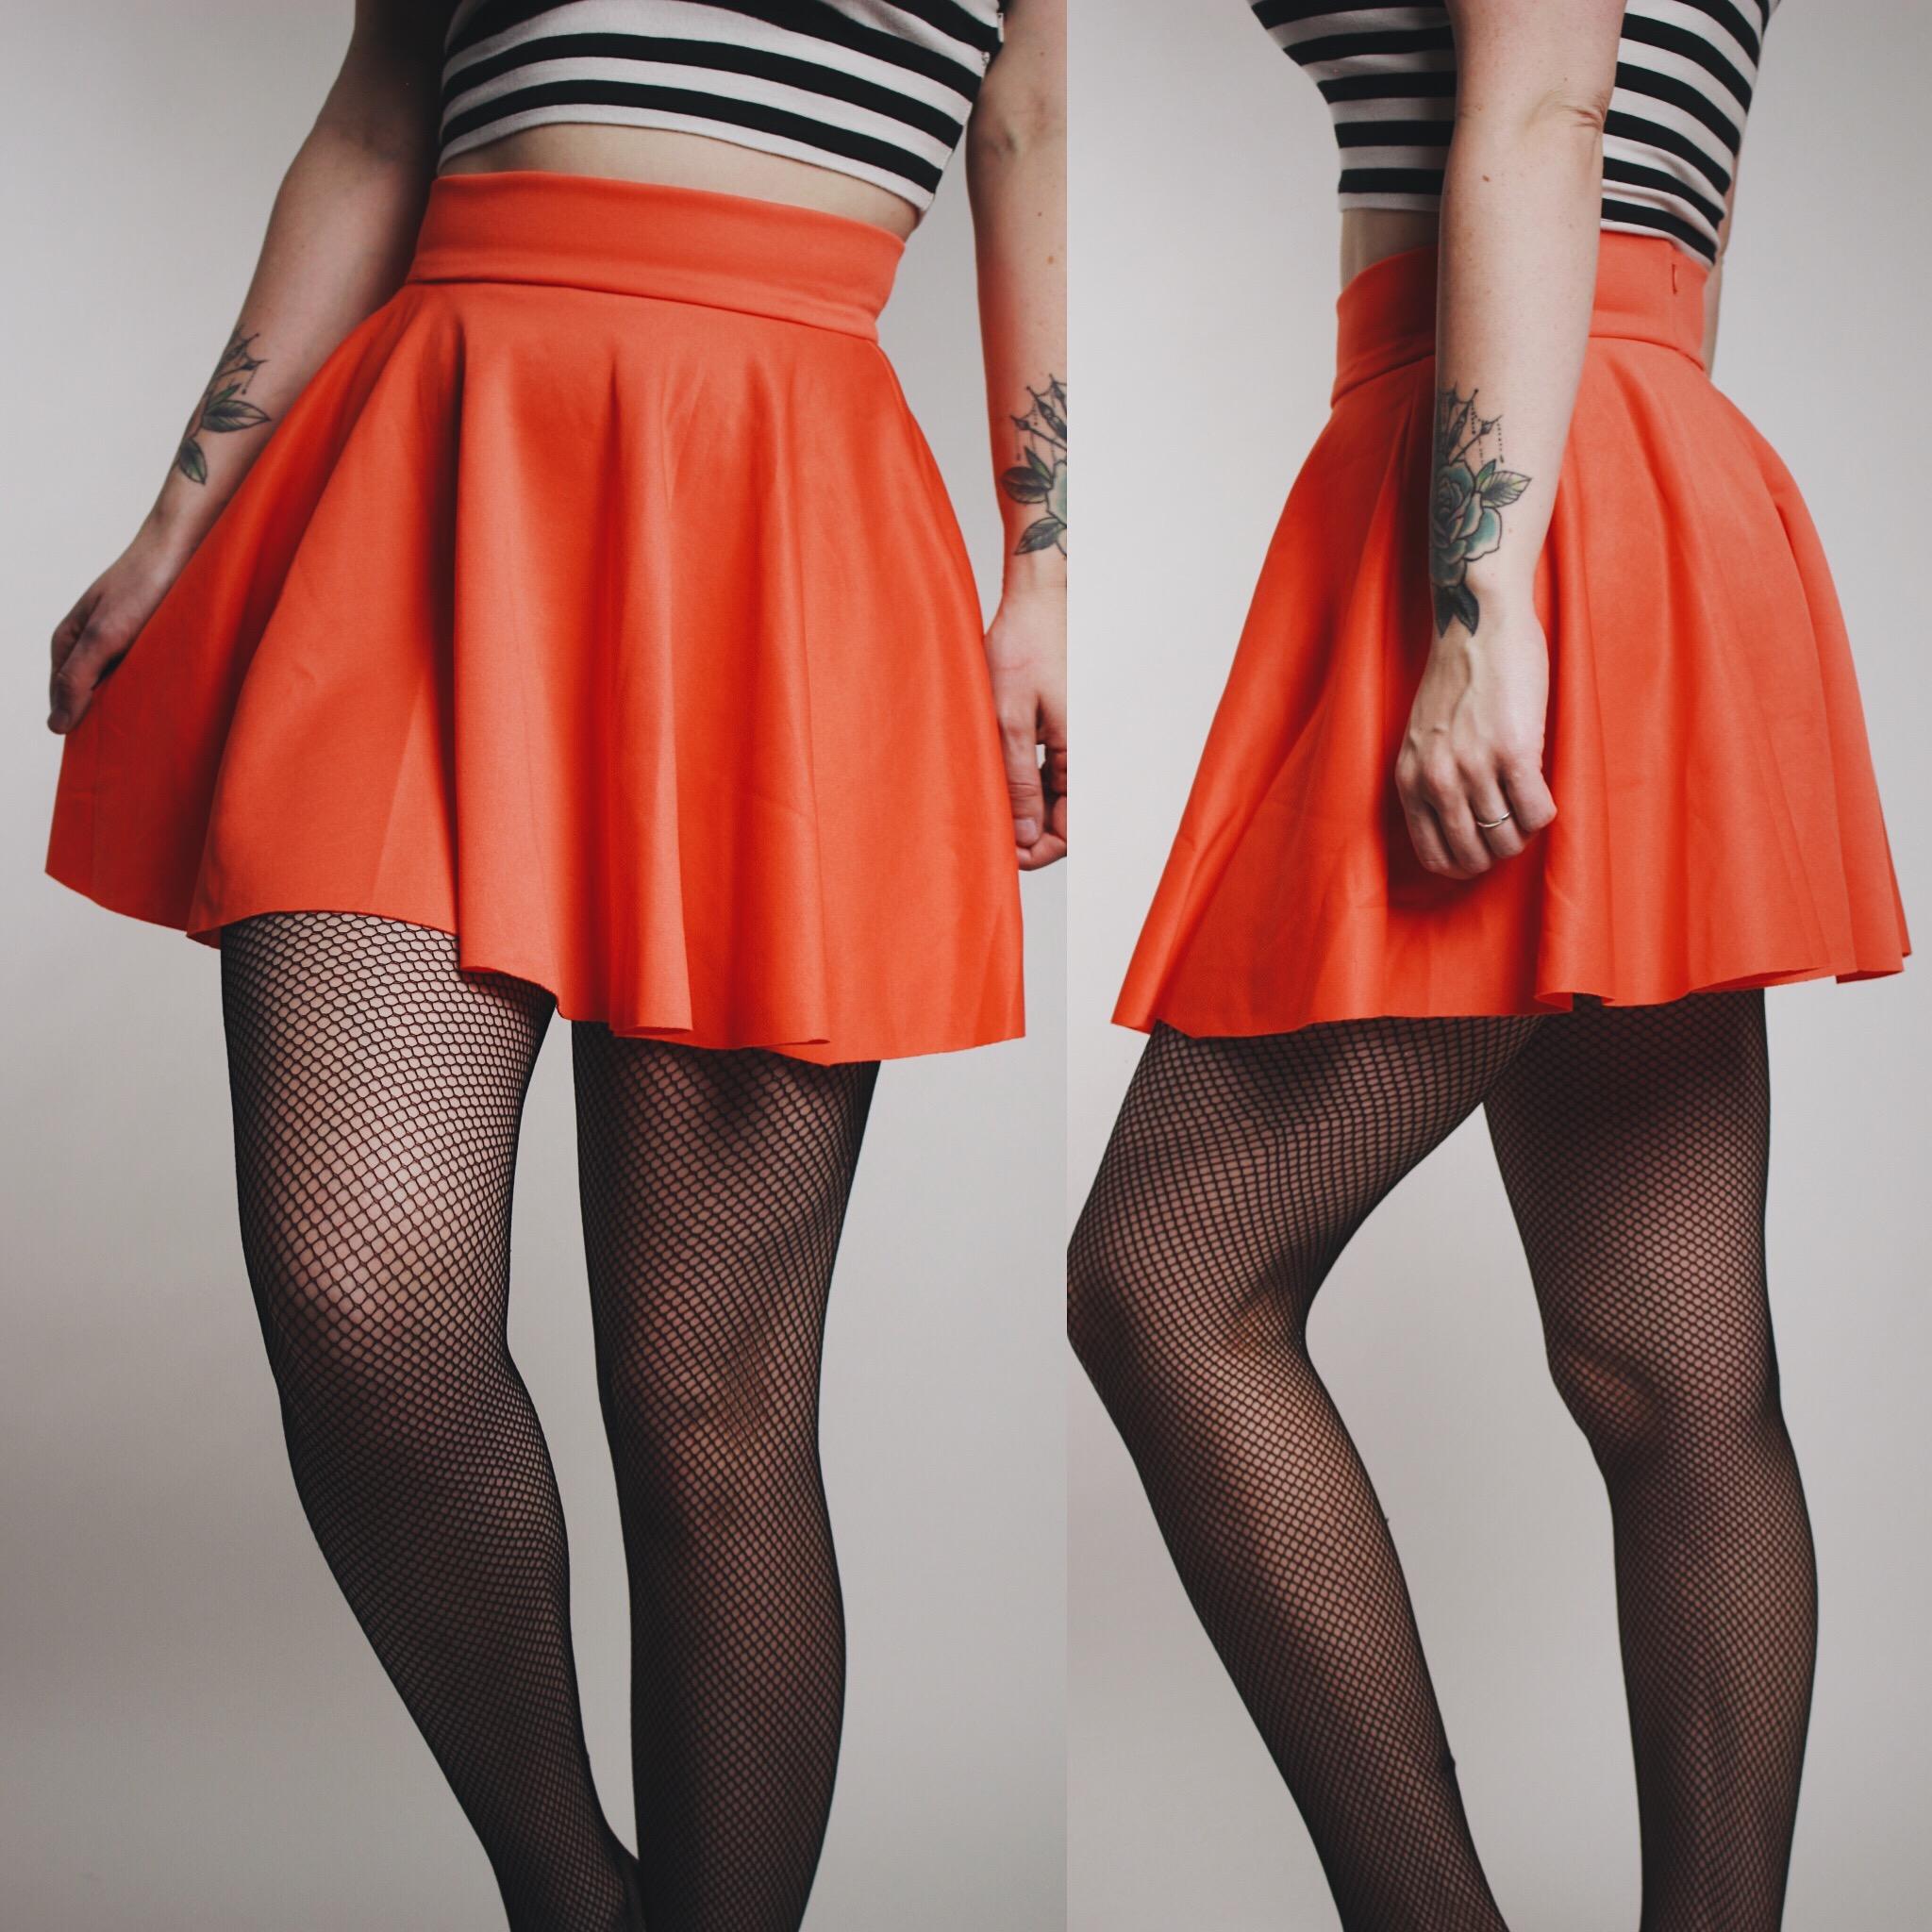 2c66eef233 CLAIMED  Joanne - Vintage 90s Neon Orange Spandex Skater Skirt - Thumbnail 1